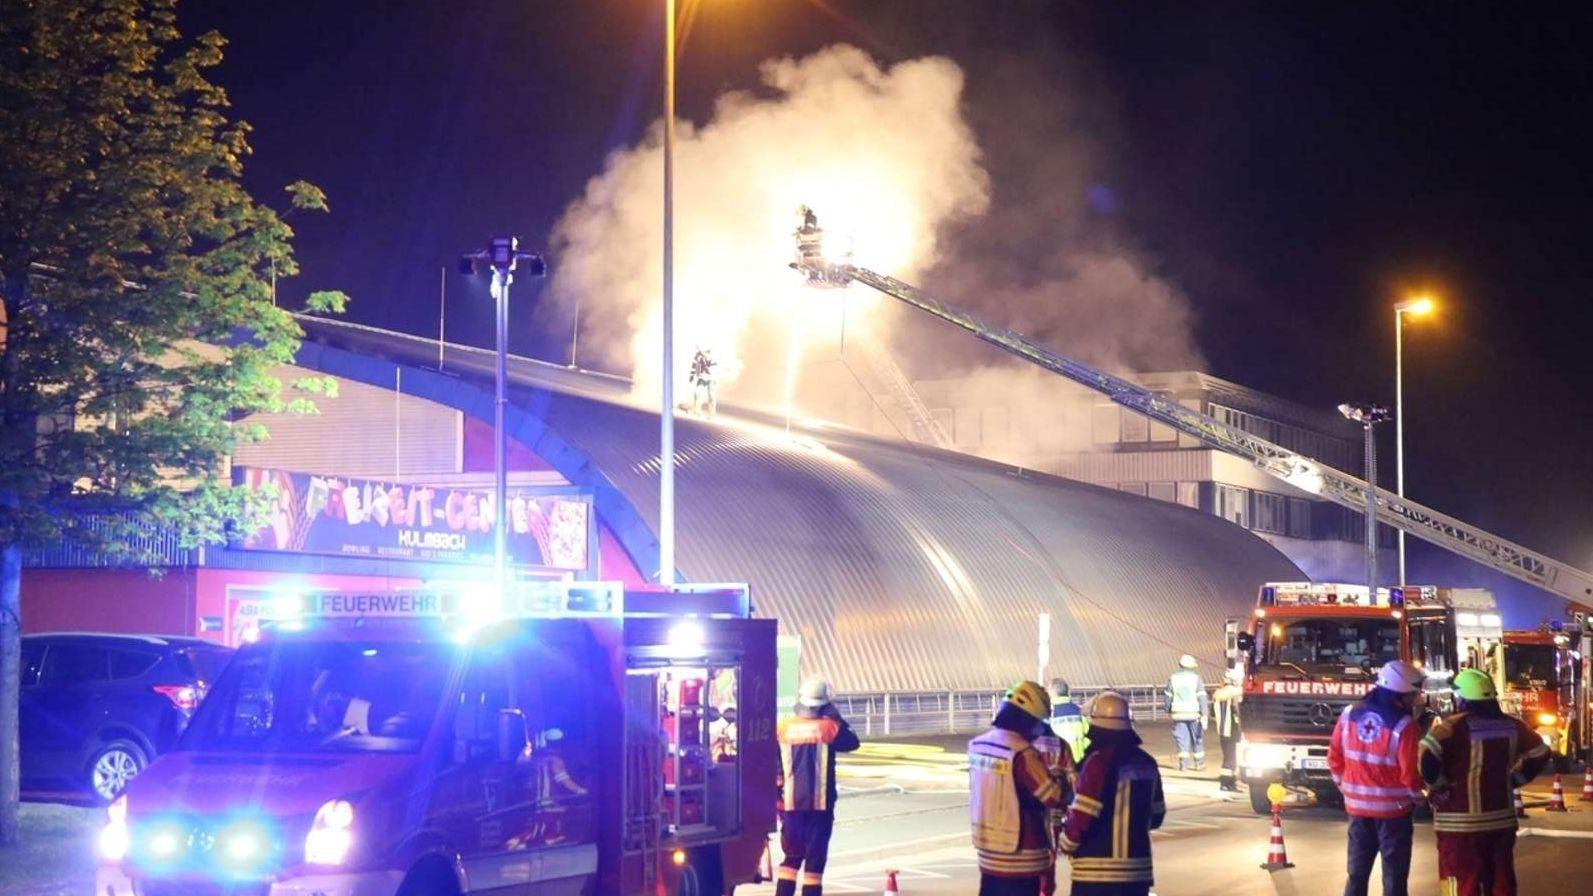 Eine Halle brennt, Feuerwehrleute sind bei Löscharbeiten zu sehen.